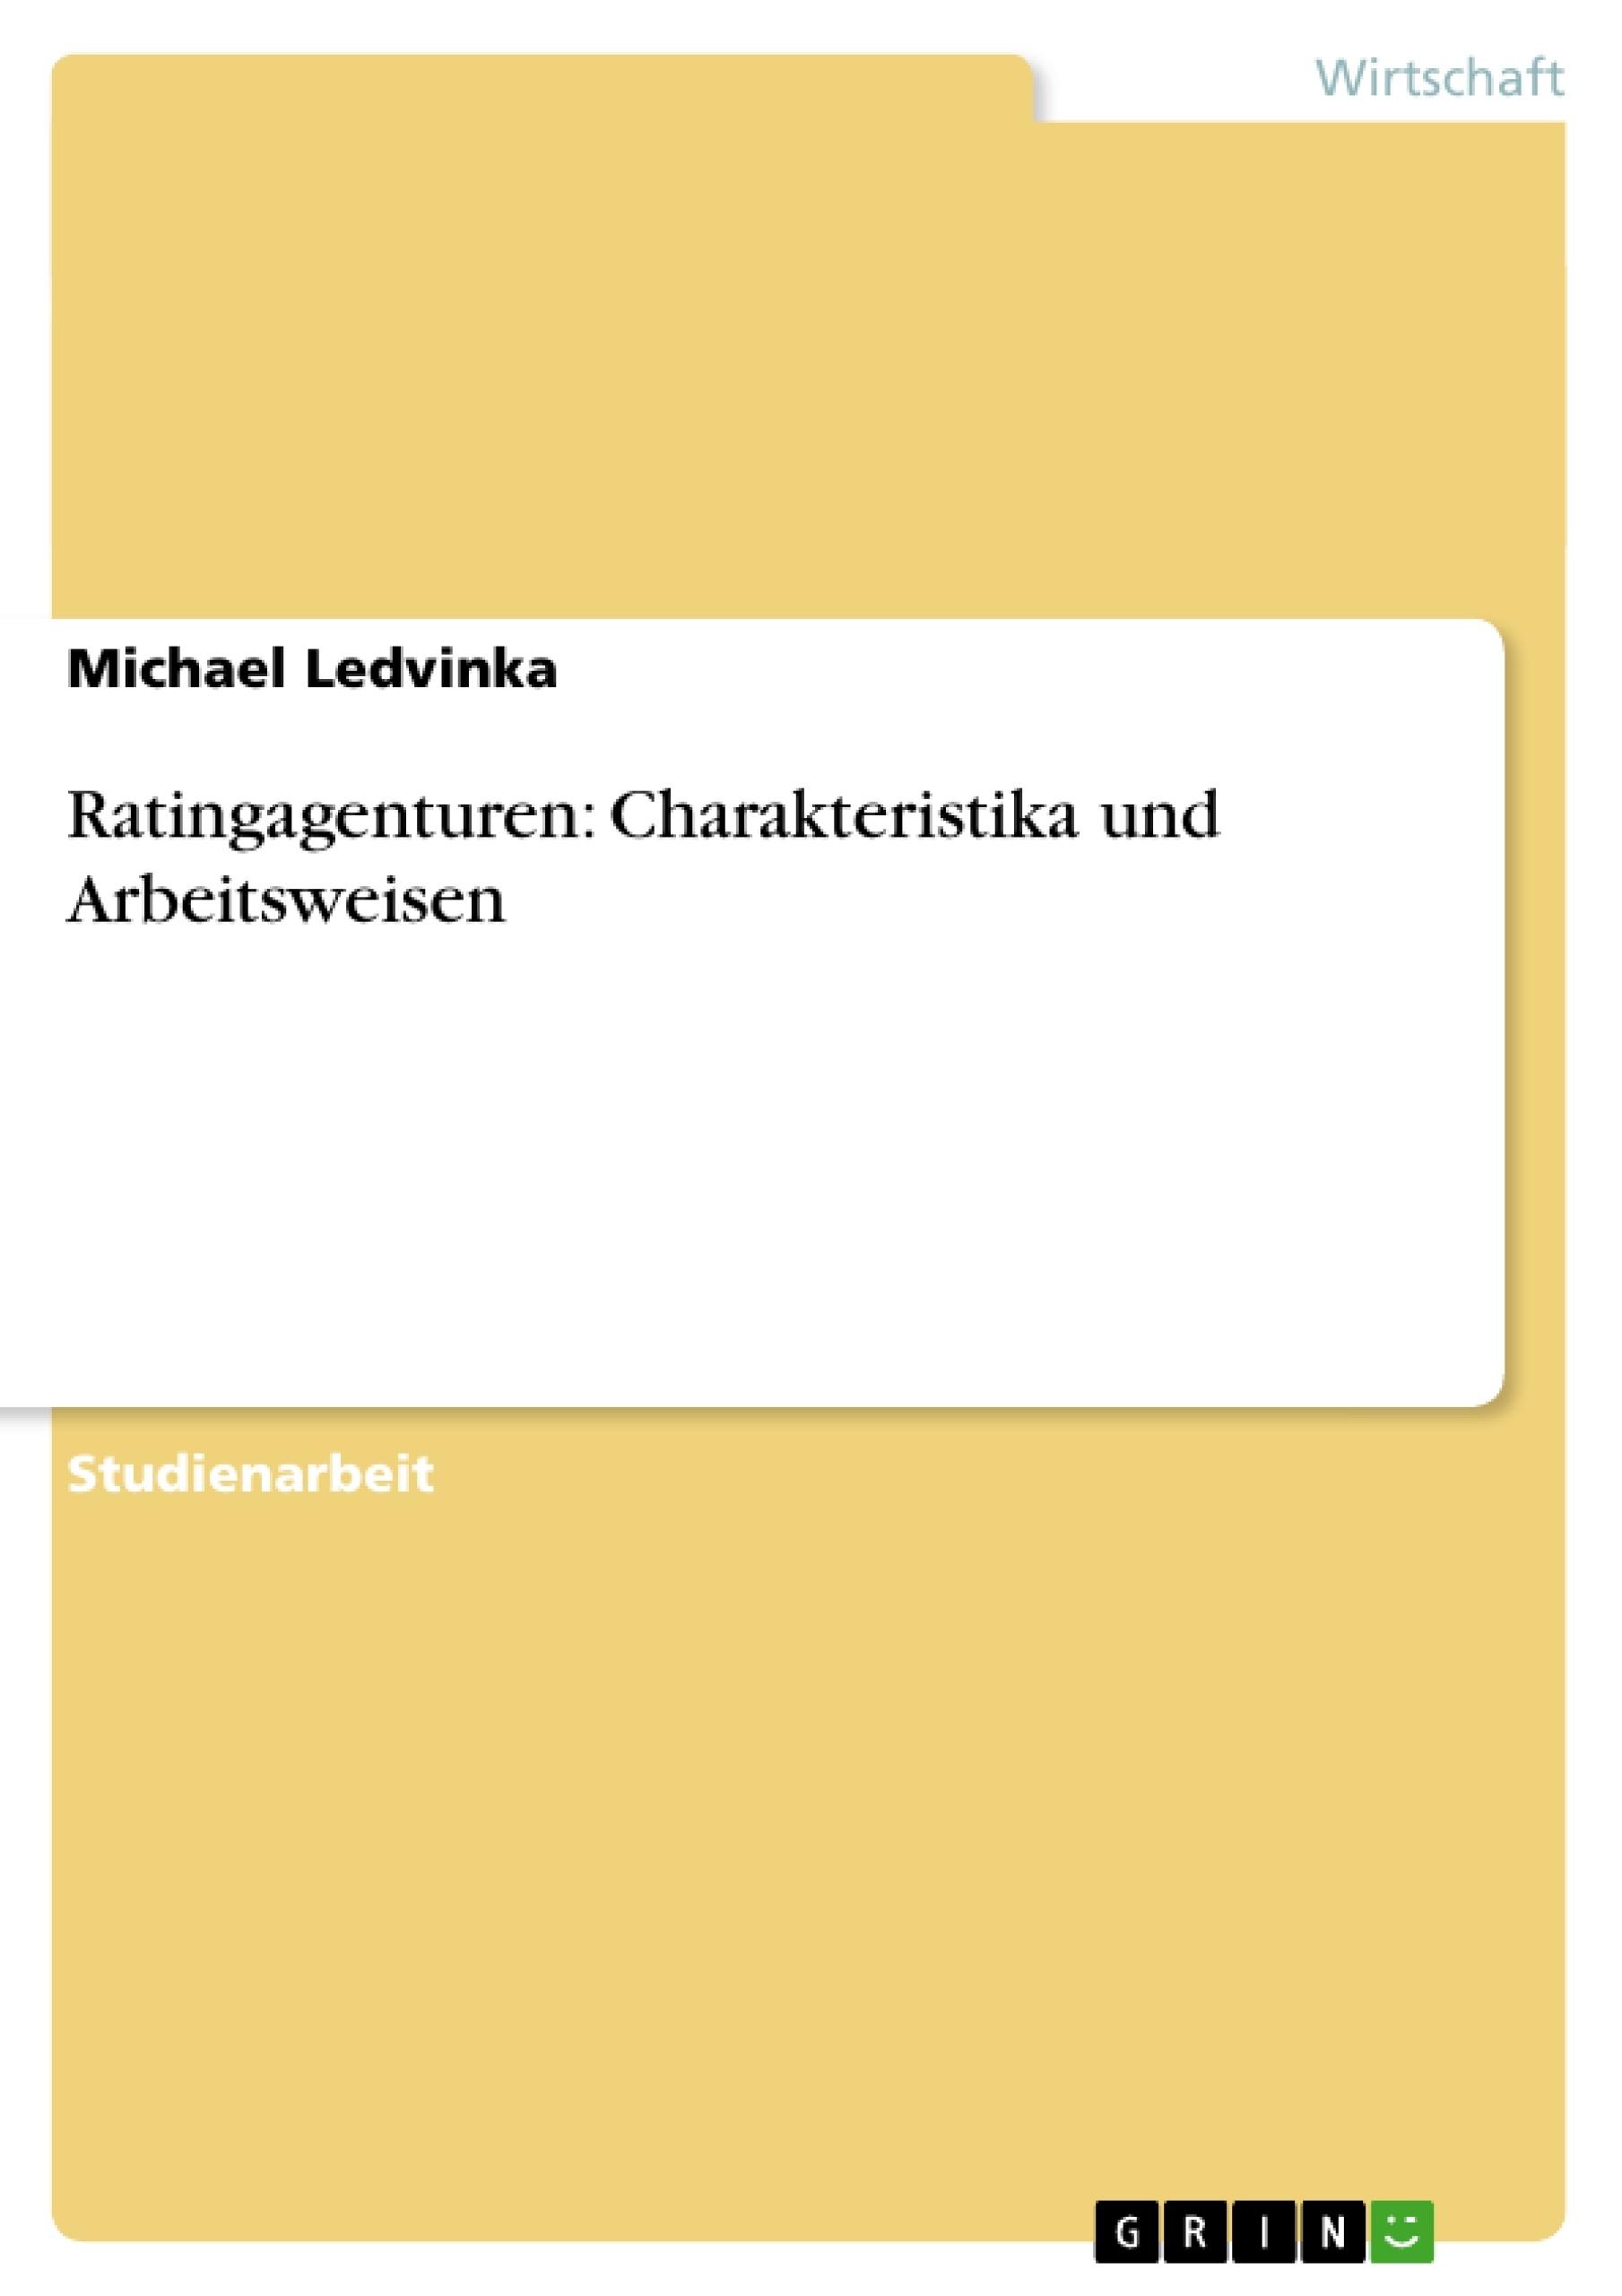 Titel: Ratingagenturen: Charakteristika und Arbeitsweisen